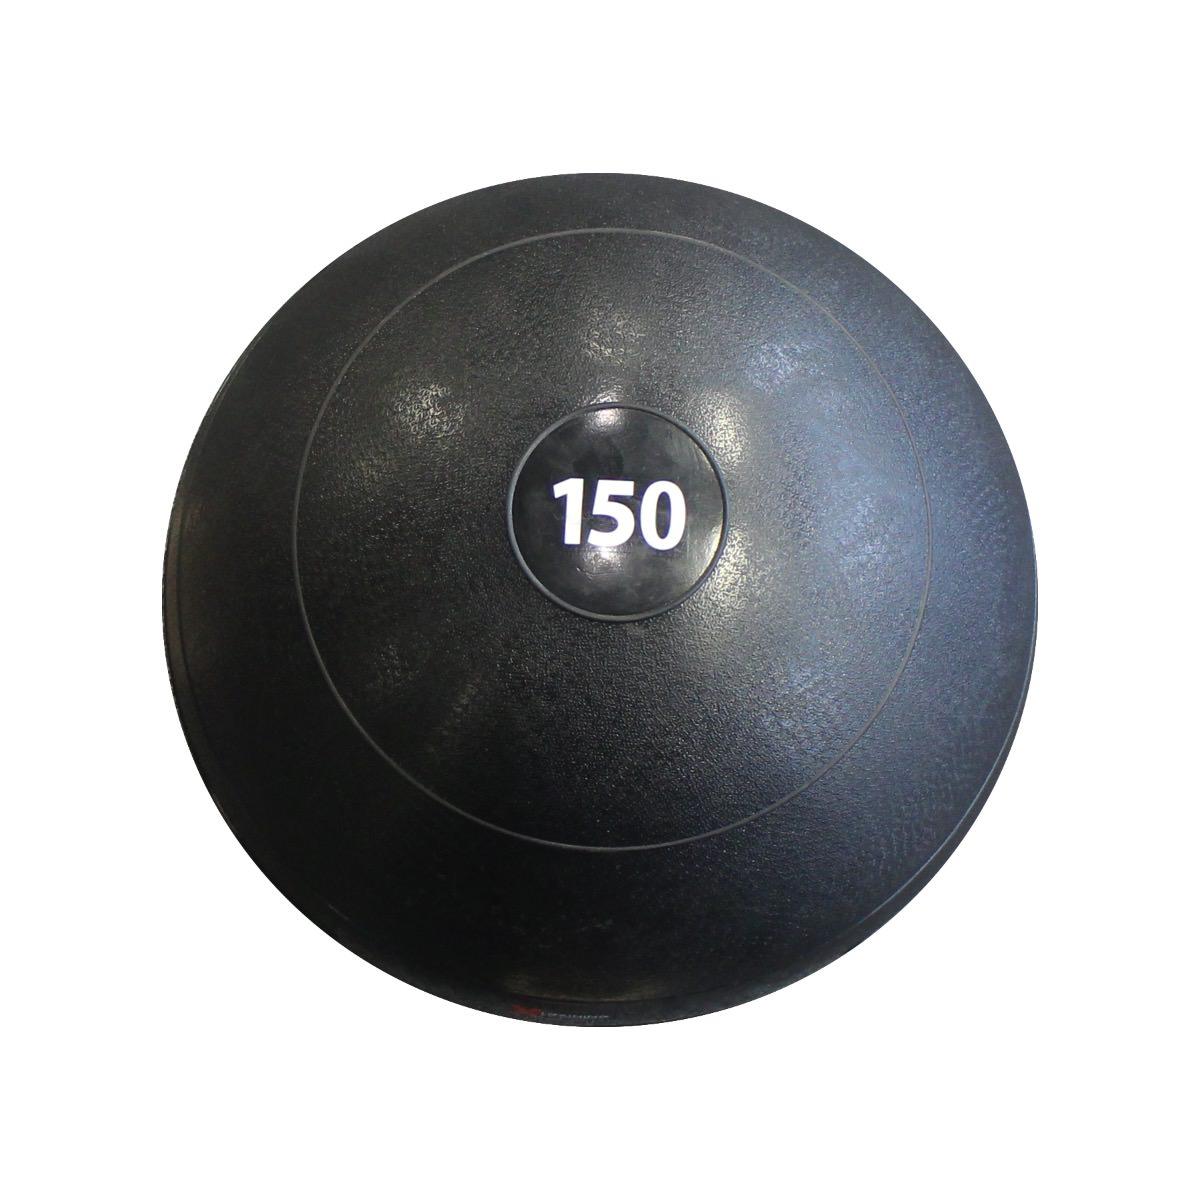 Slam Ball 150lb Slammer